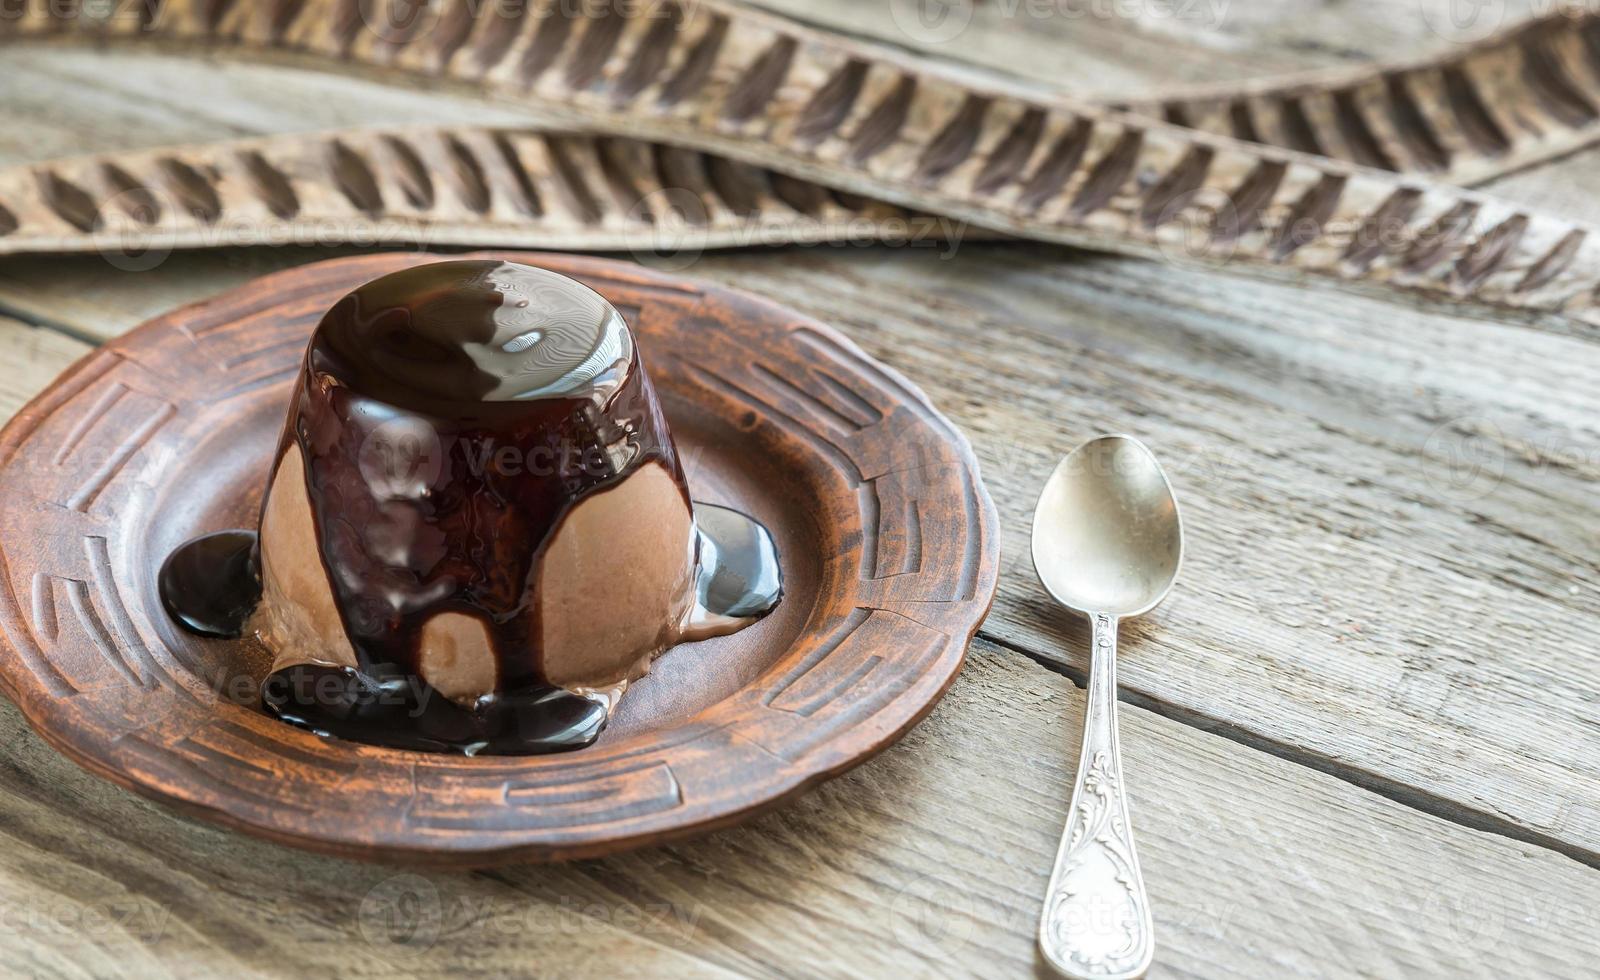 panna cotta au café sous une garniture au chocolat photo